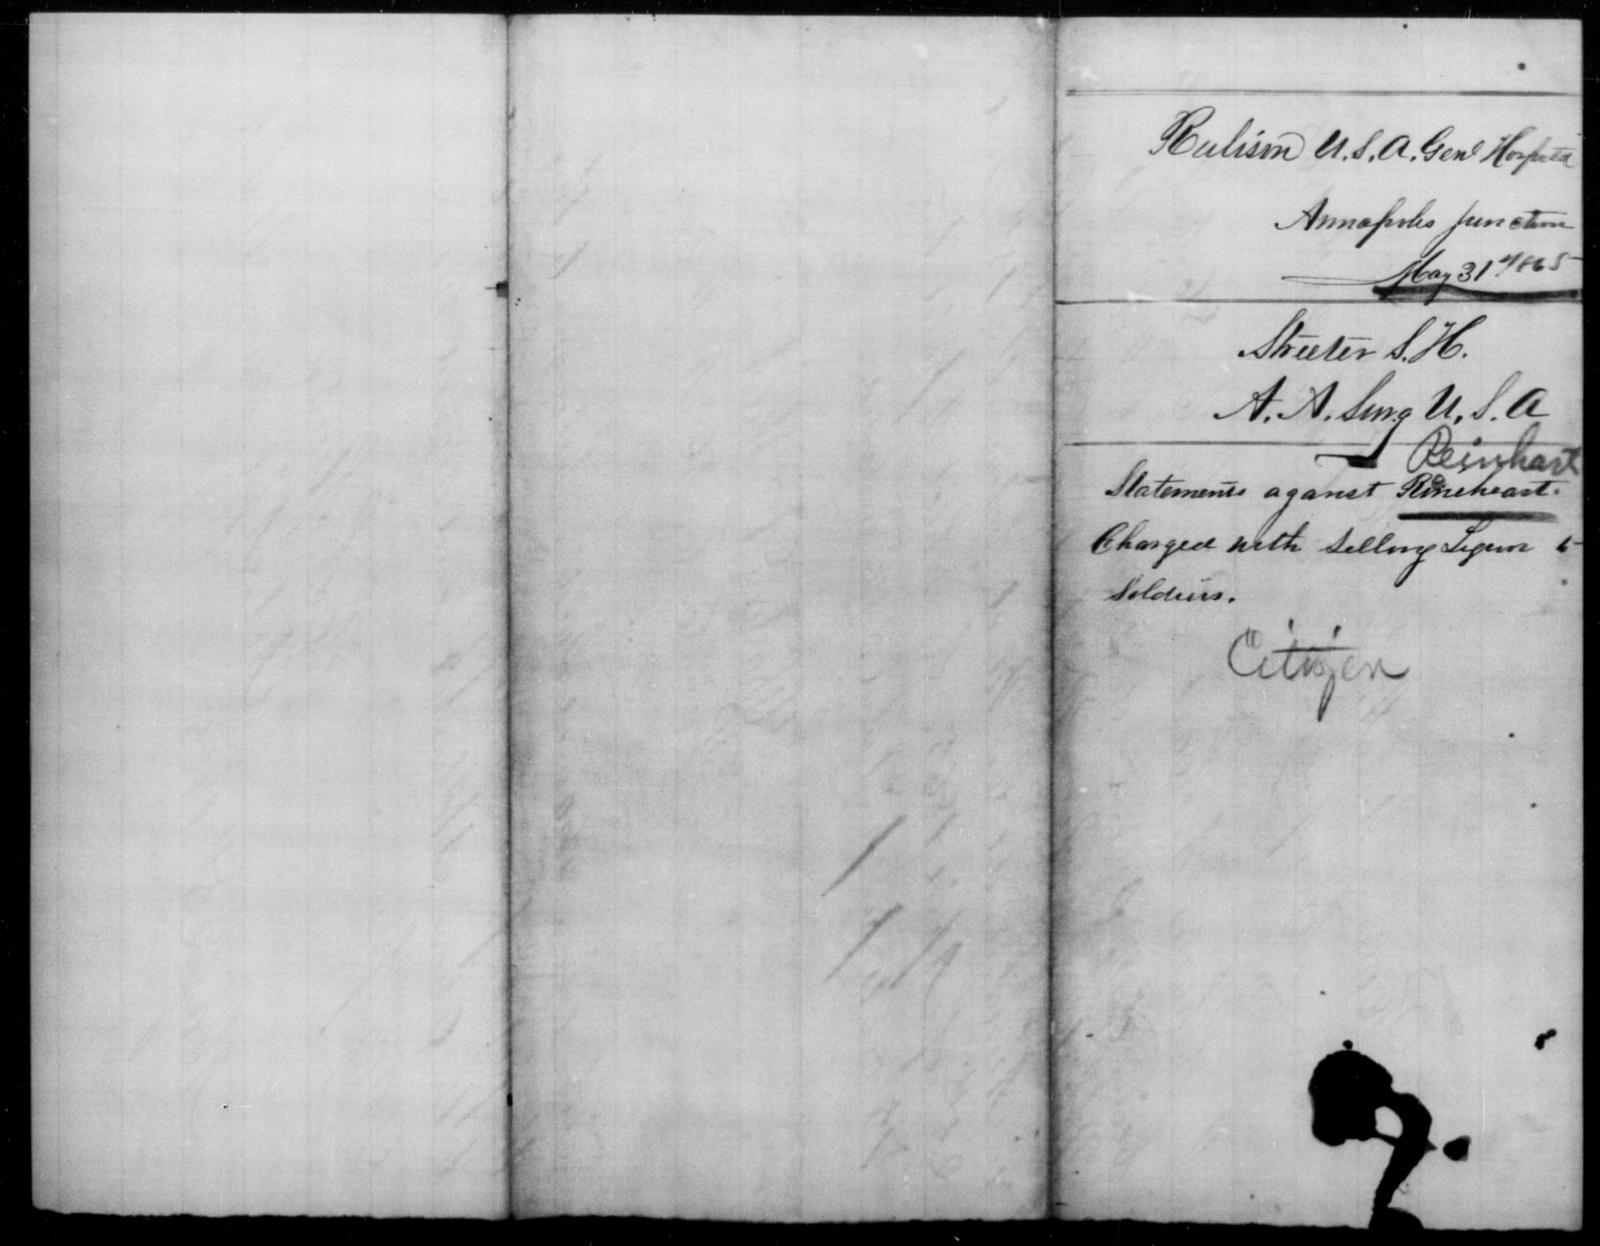 Reinhard, [Blank] - State: [Blank] - Year: 1865